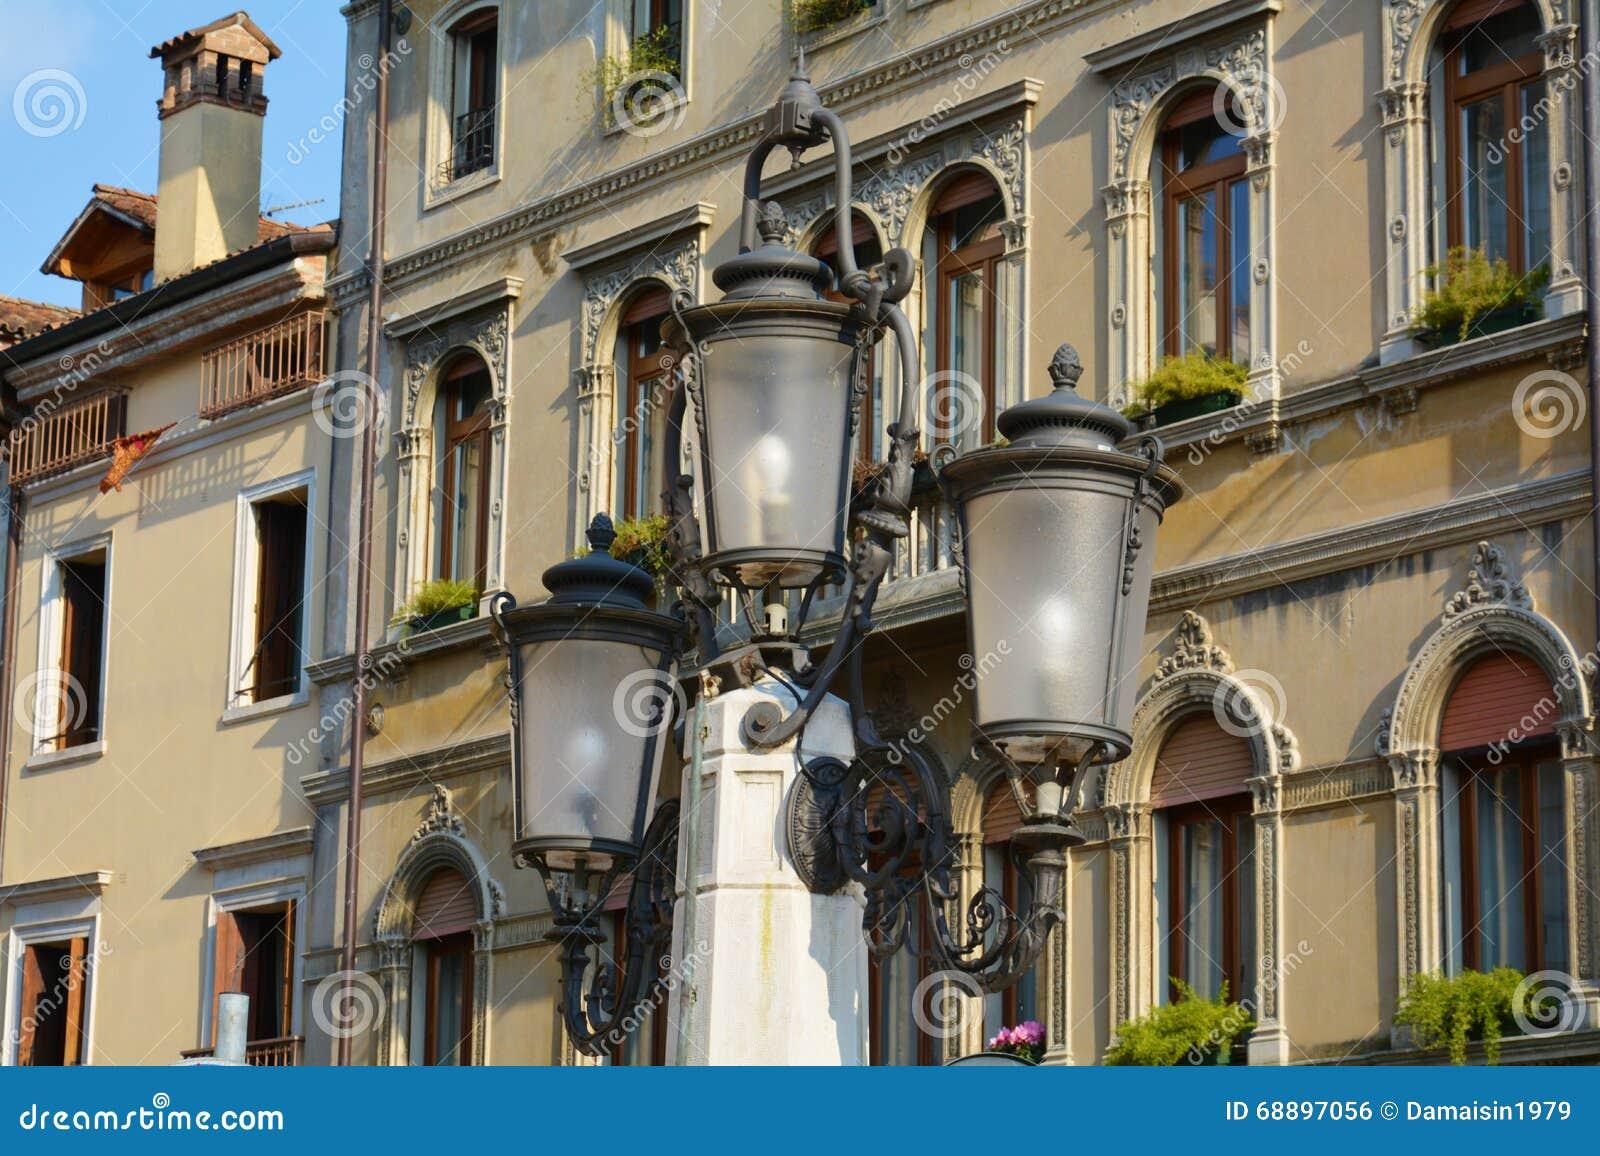 Architektur in Conegliano, Italien